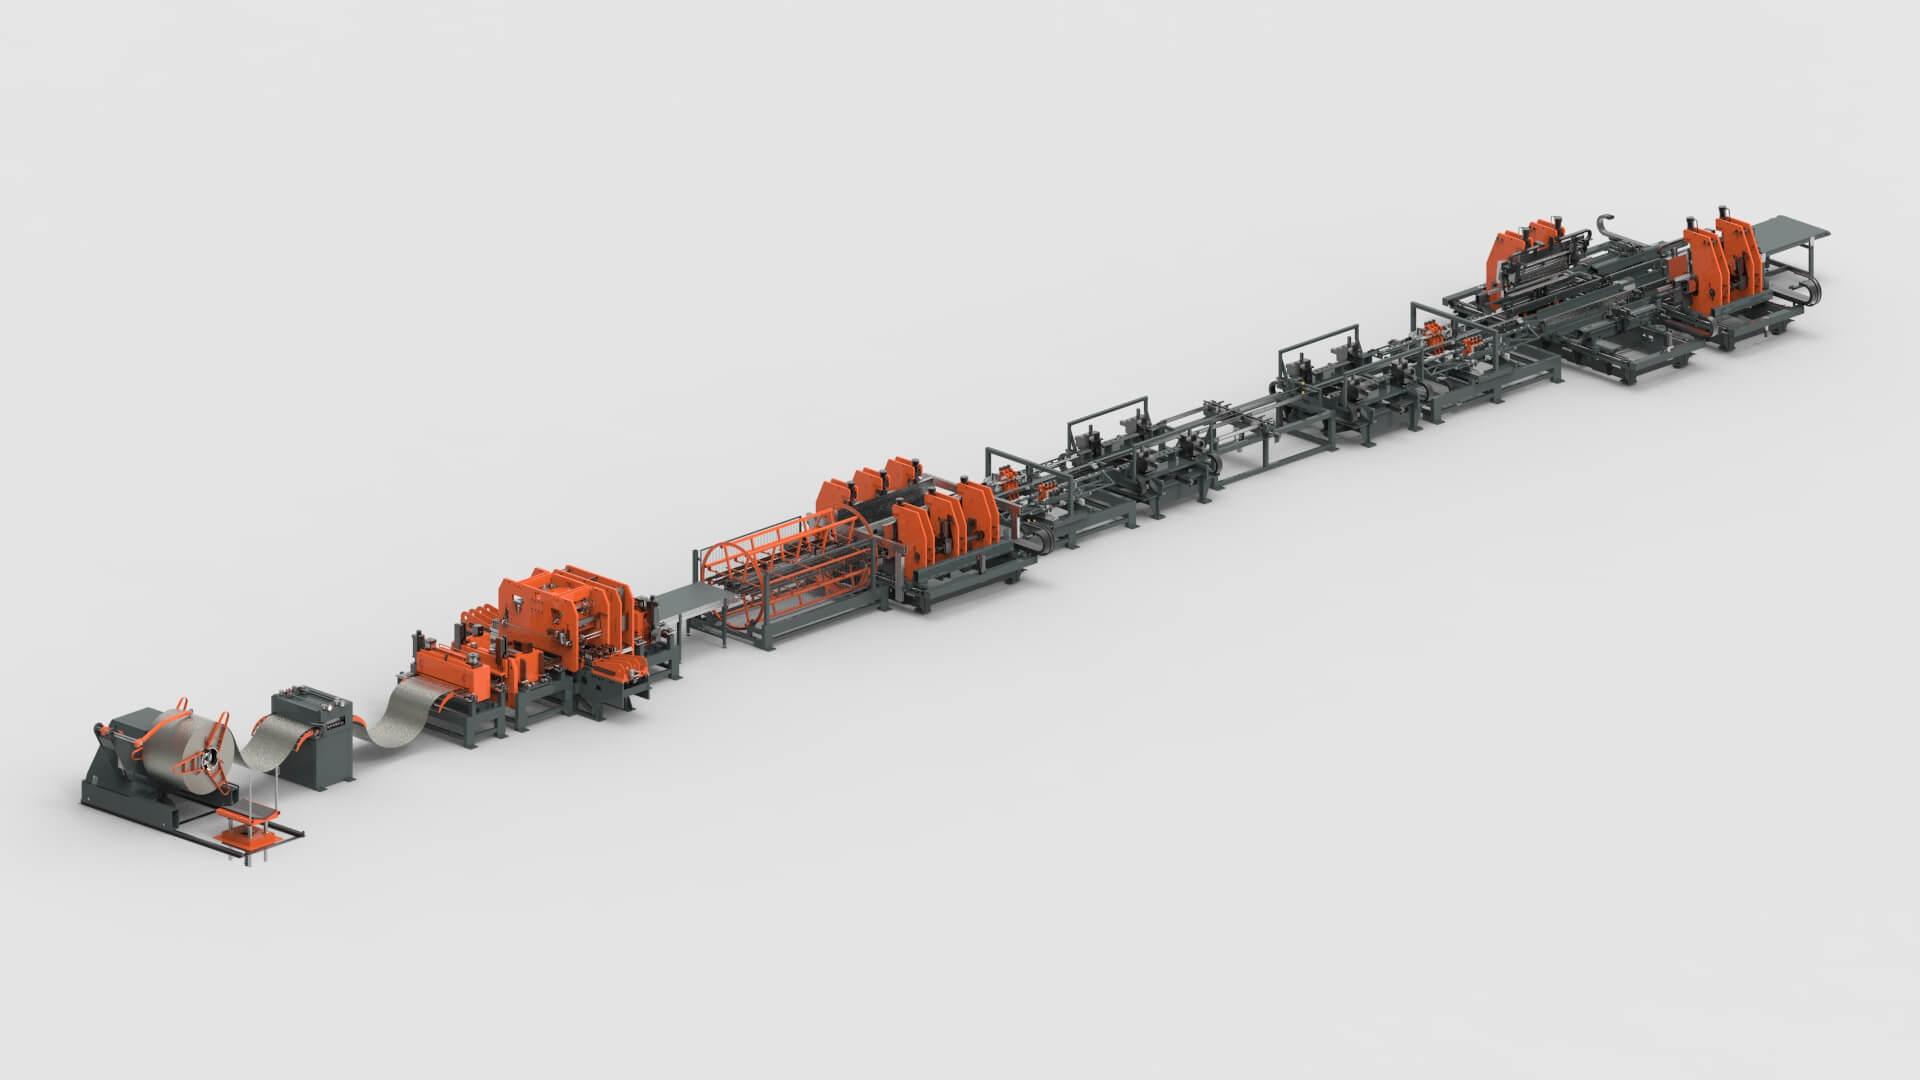 Blechbearbeitung Coil Stanzen Clinchen Biegen Produktionslinie für Fachbodenregale